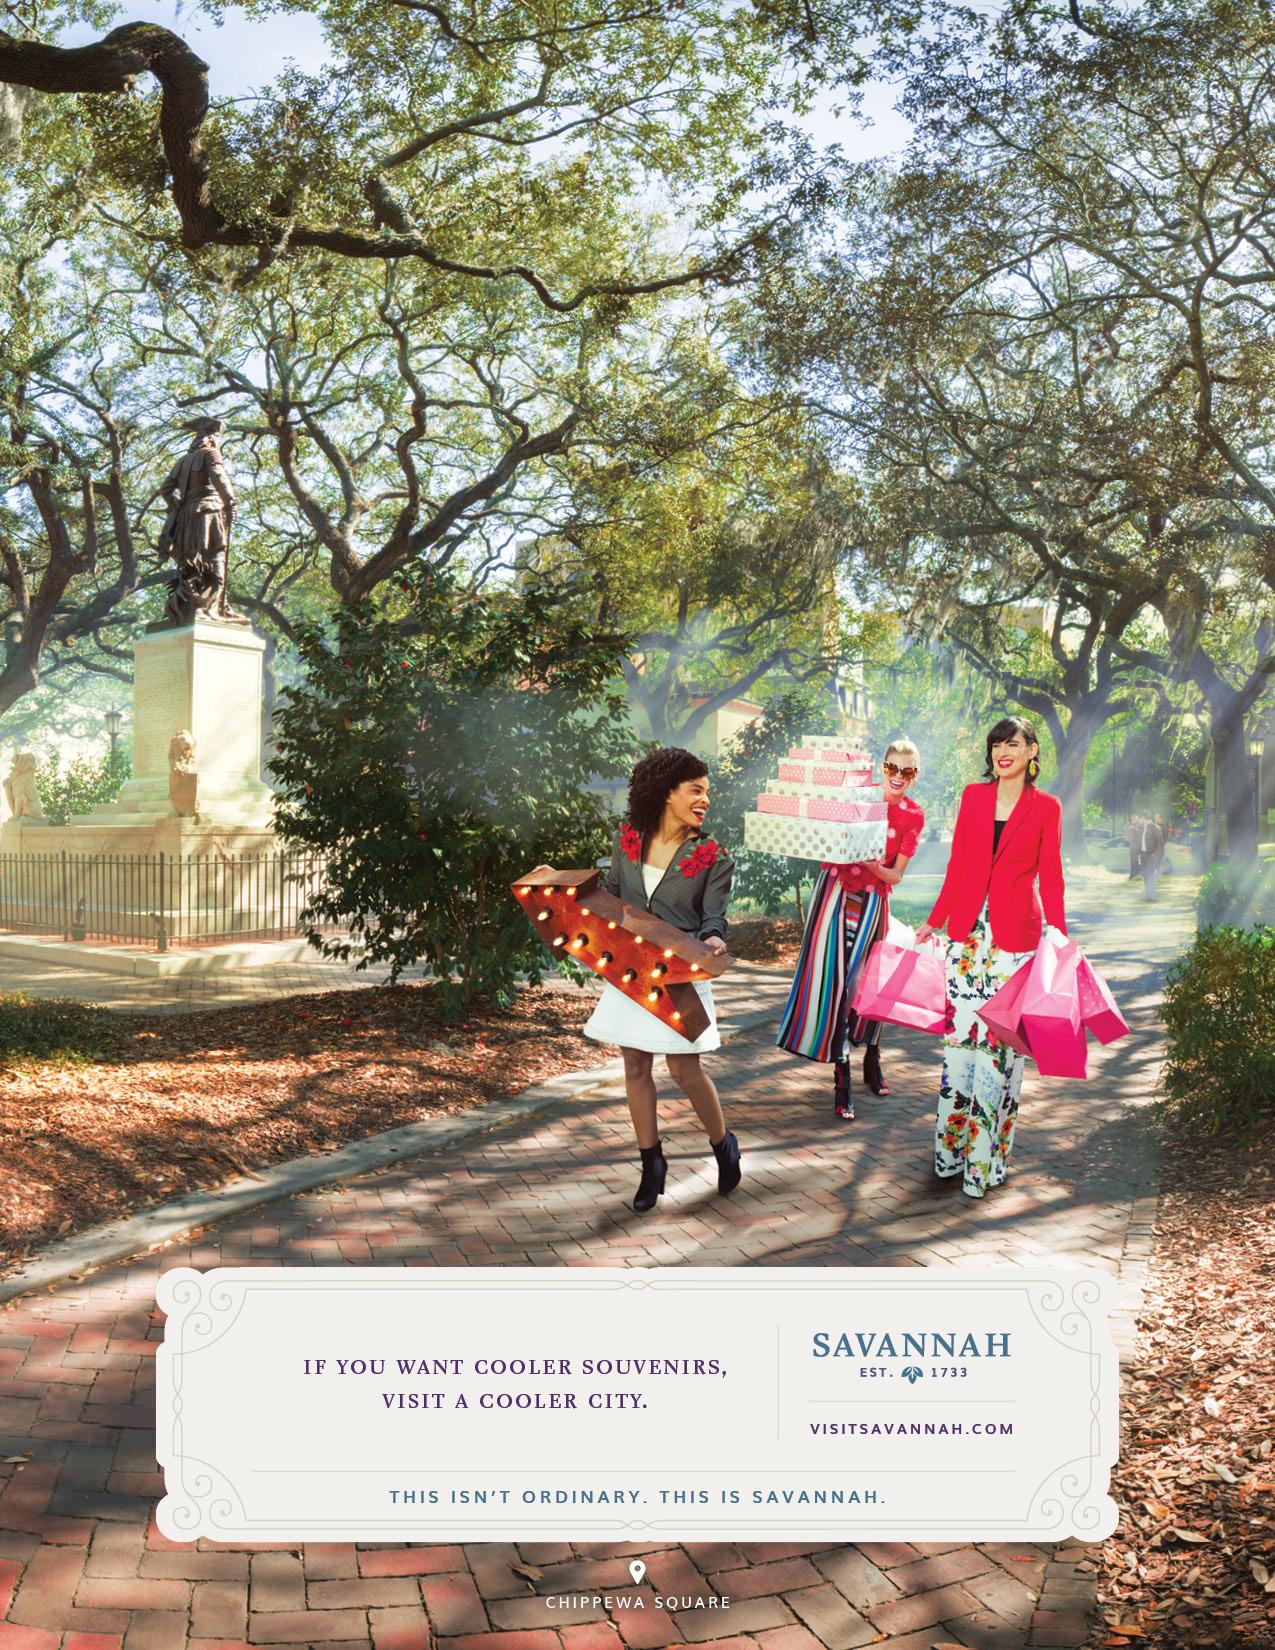 SAV-3822 Savannah ChippewaSquare FP.jpg